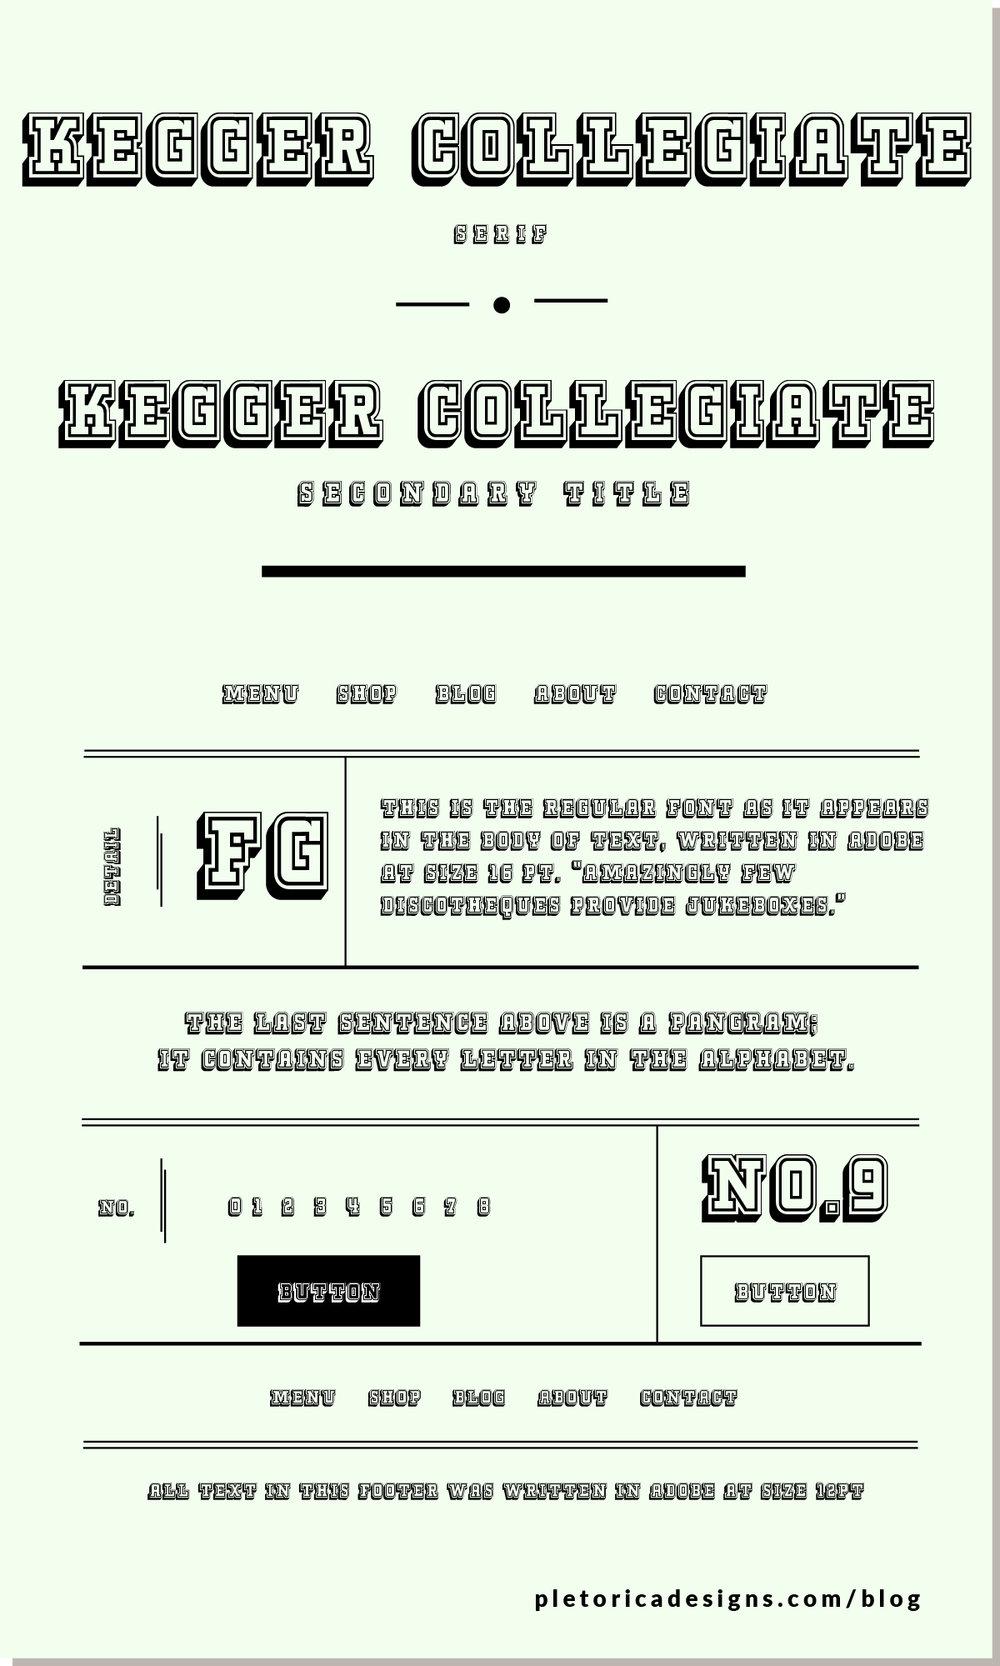 LET'S TYPE: Kegger Collegiate — PLETÓRICA DESIGNS